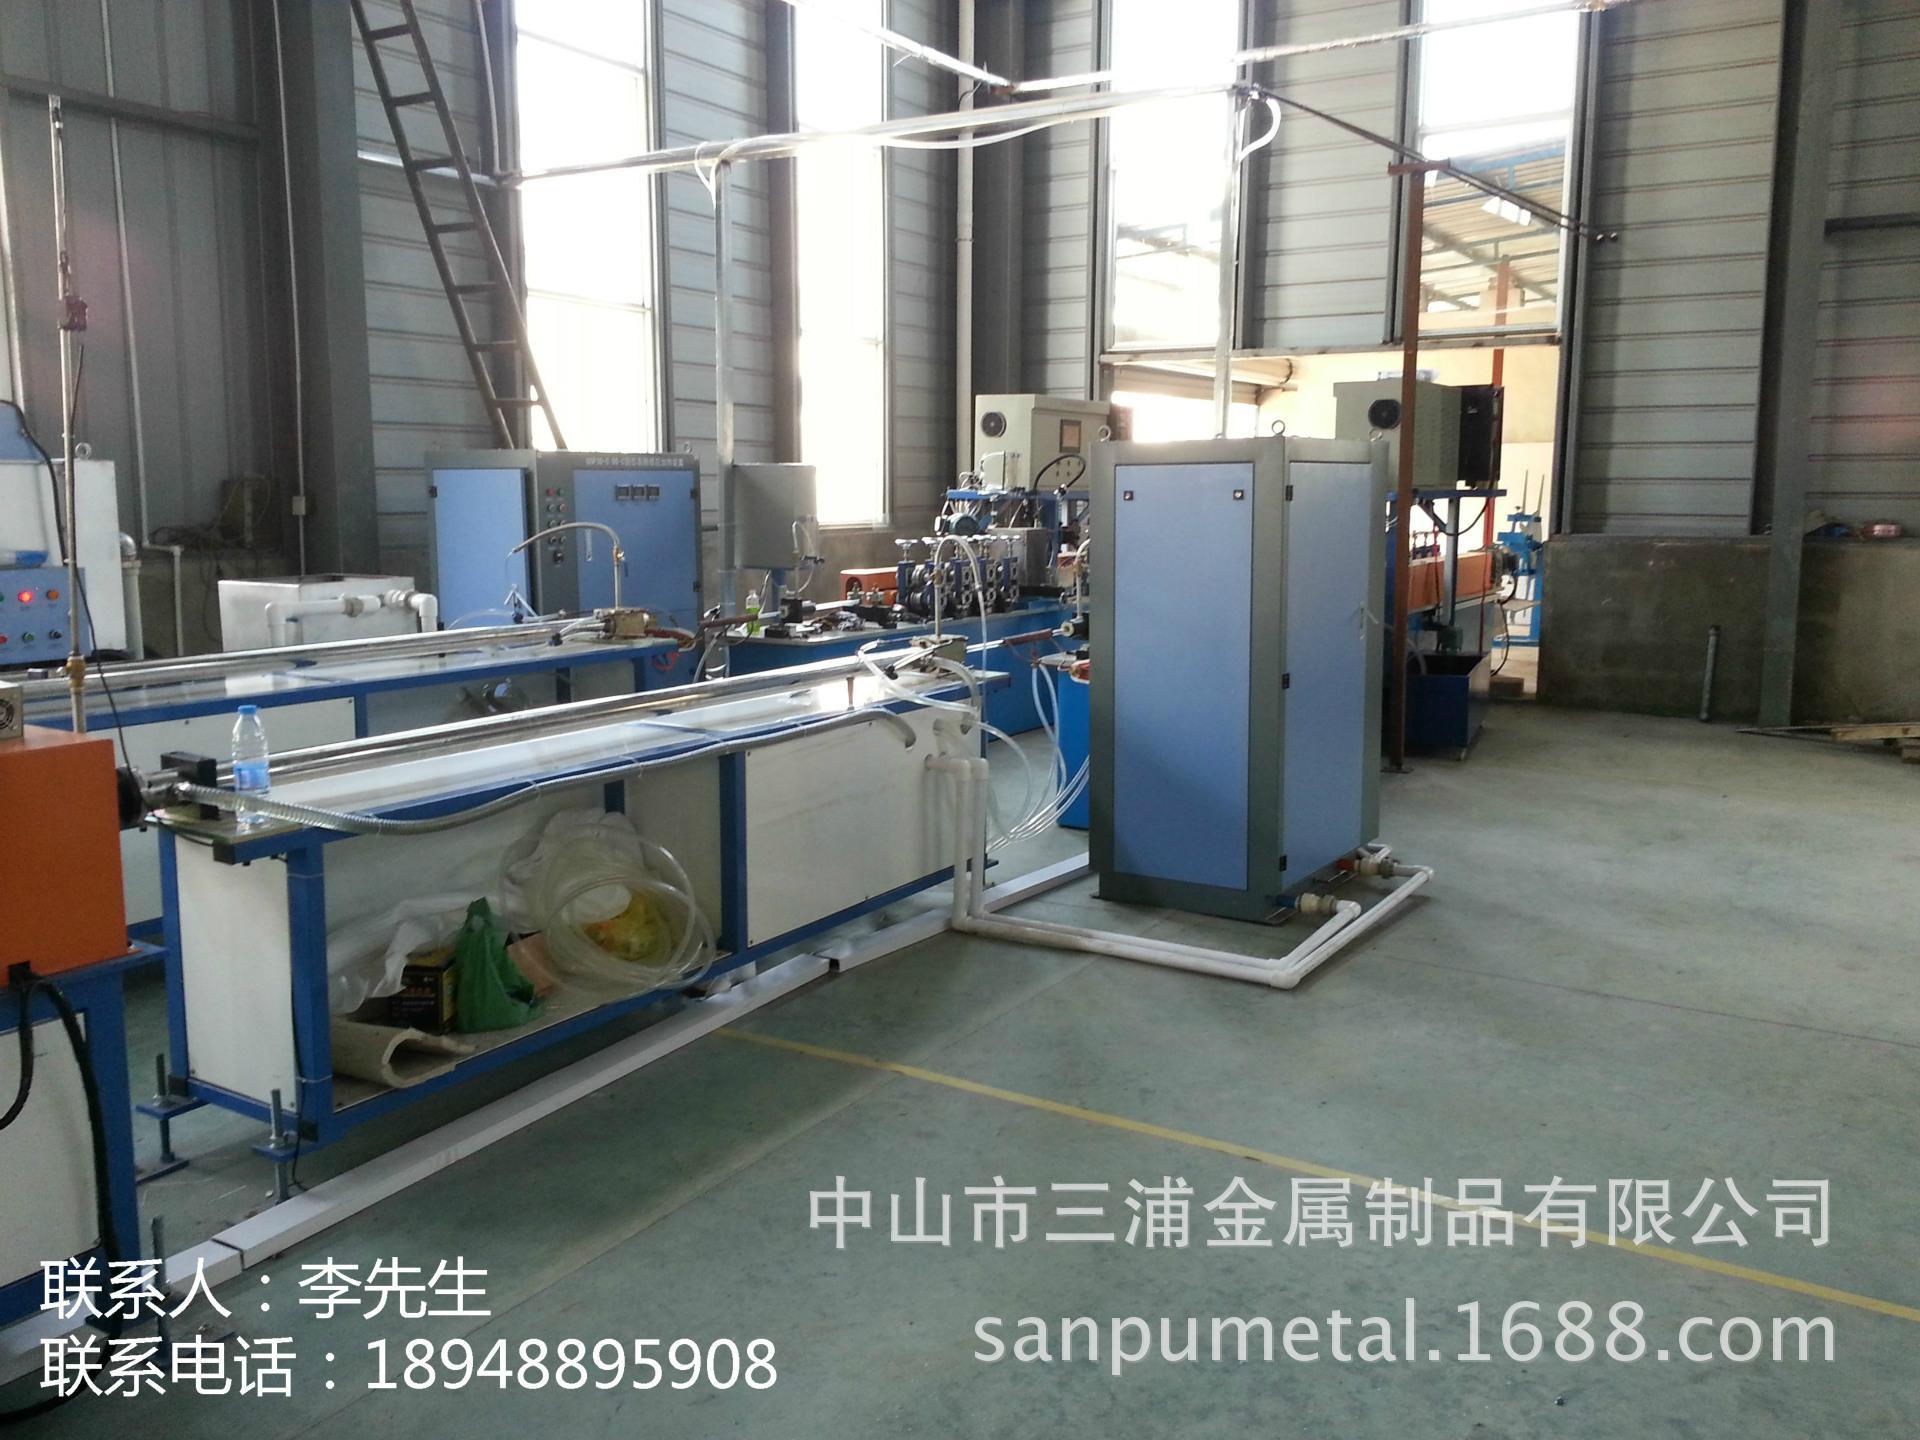 供應不鏽鋼焊管在線退火機(在線固溶) 中山三浦金屬制品公司  1